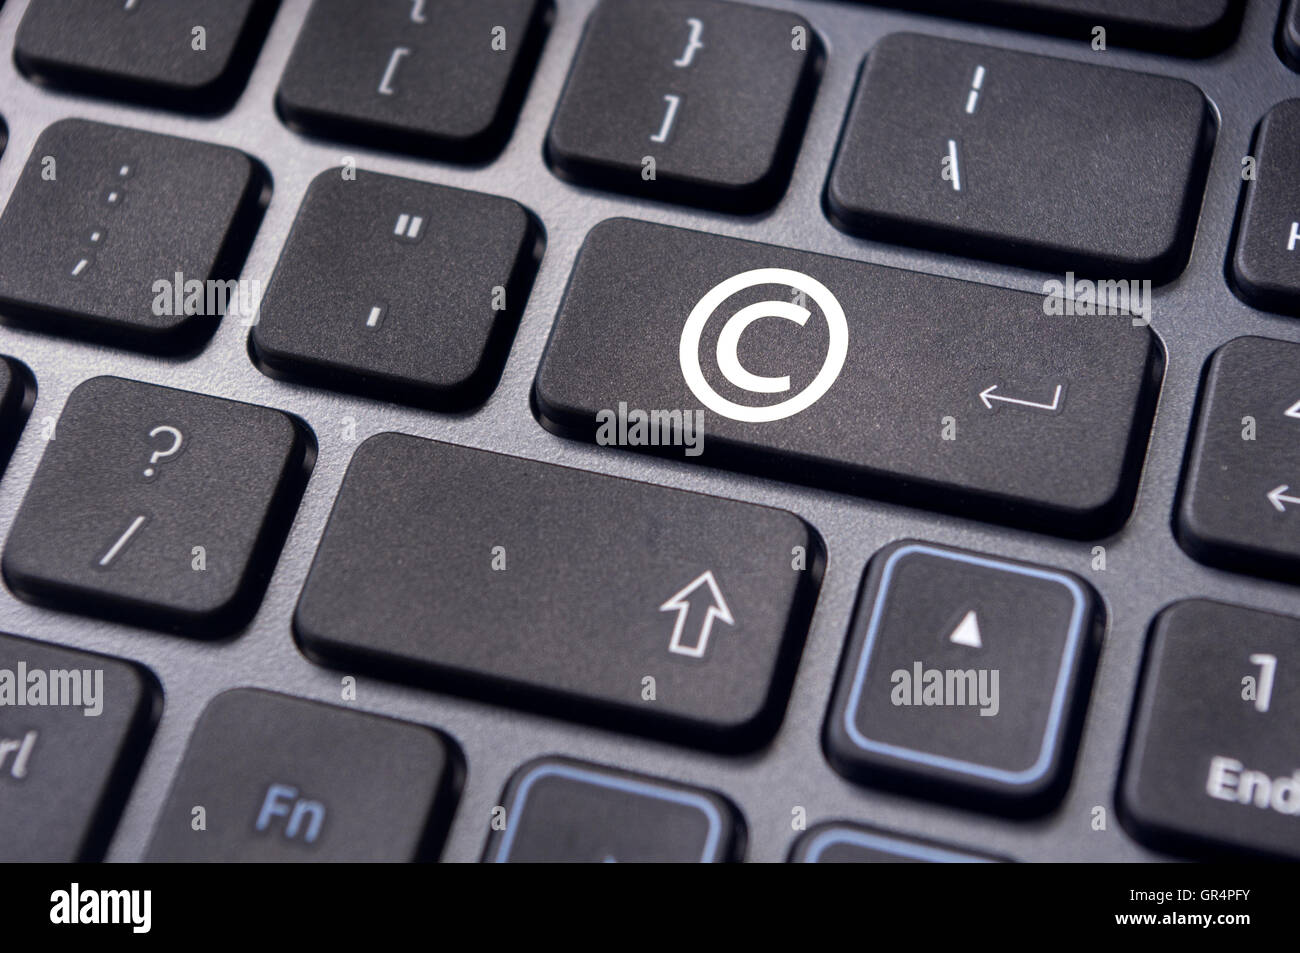 Copyright Symbol Keyboard Stock Photos Copyright Symbol Keyboard